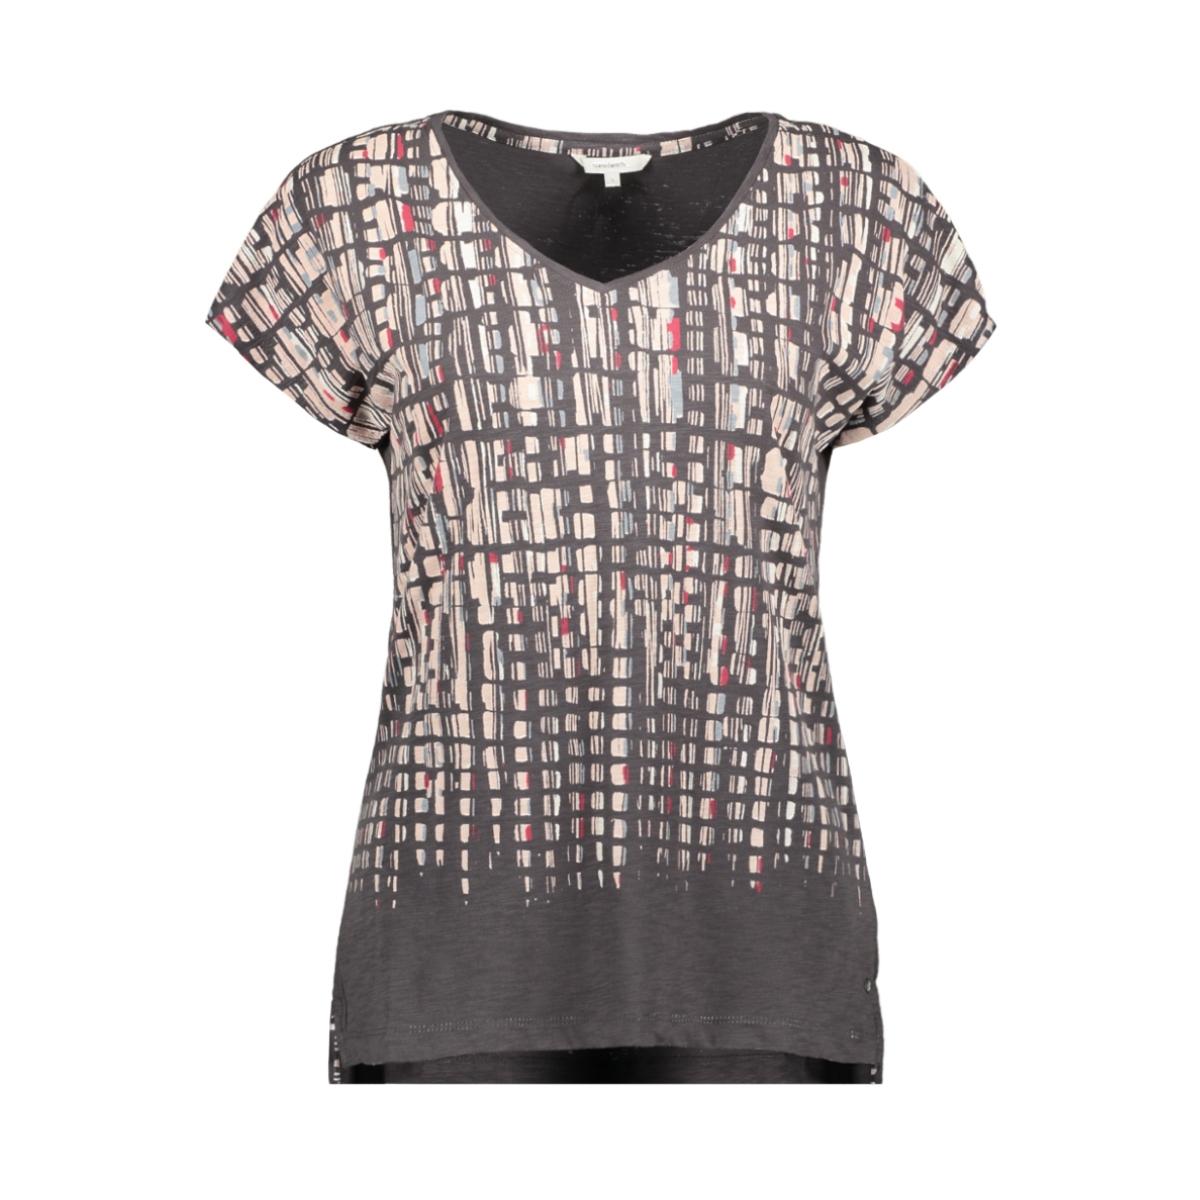 t shirt met grafische print 21101724 sandwich t-shirt 80025